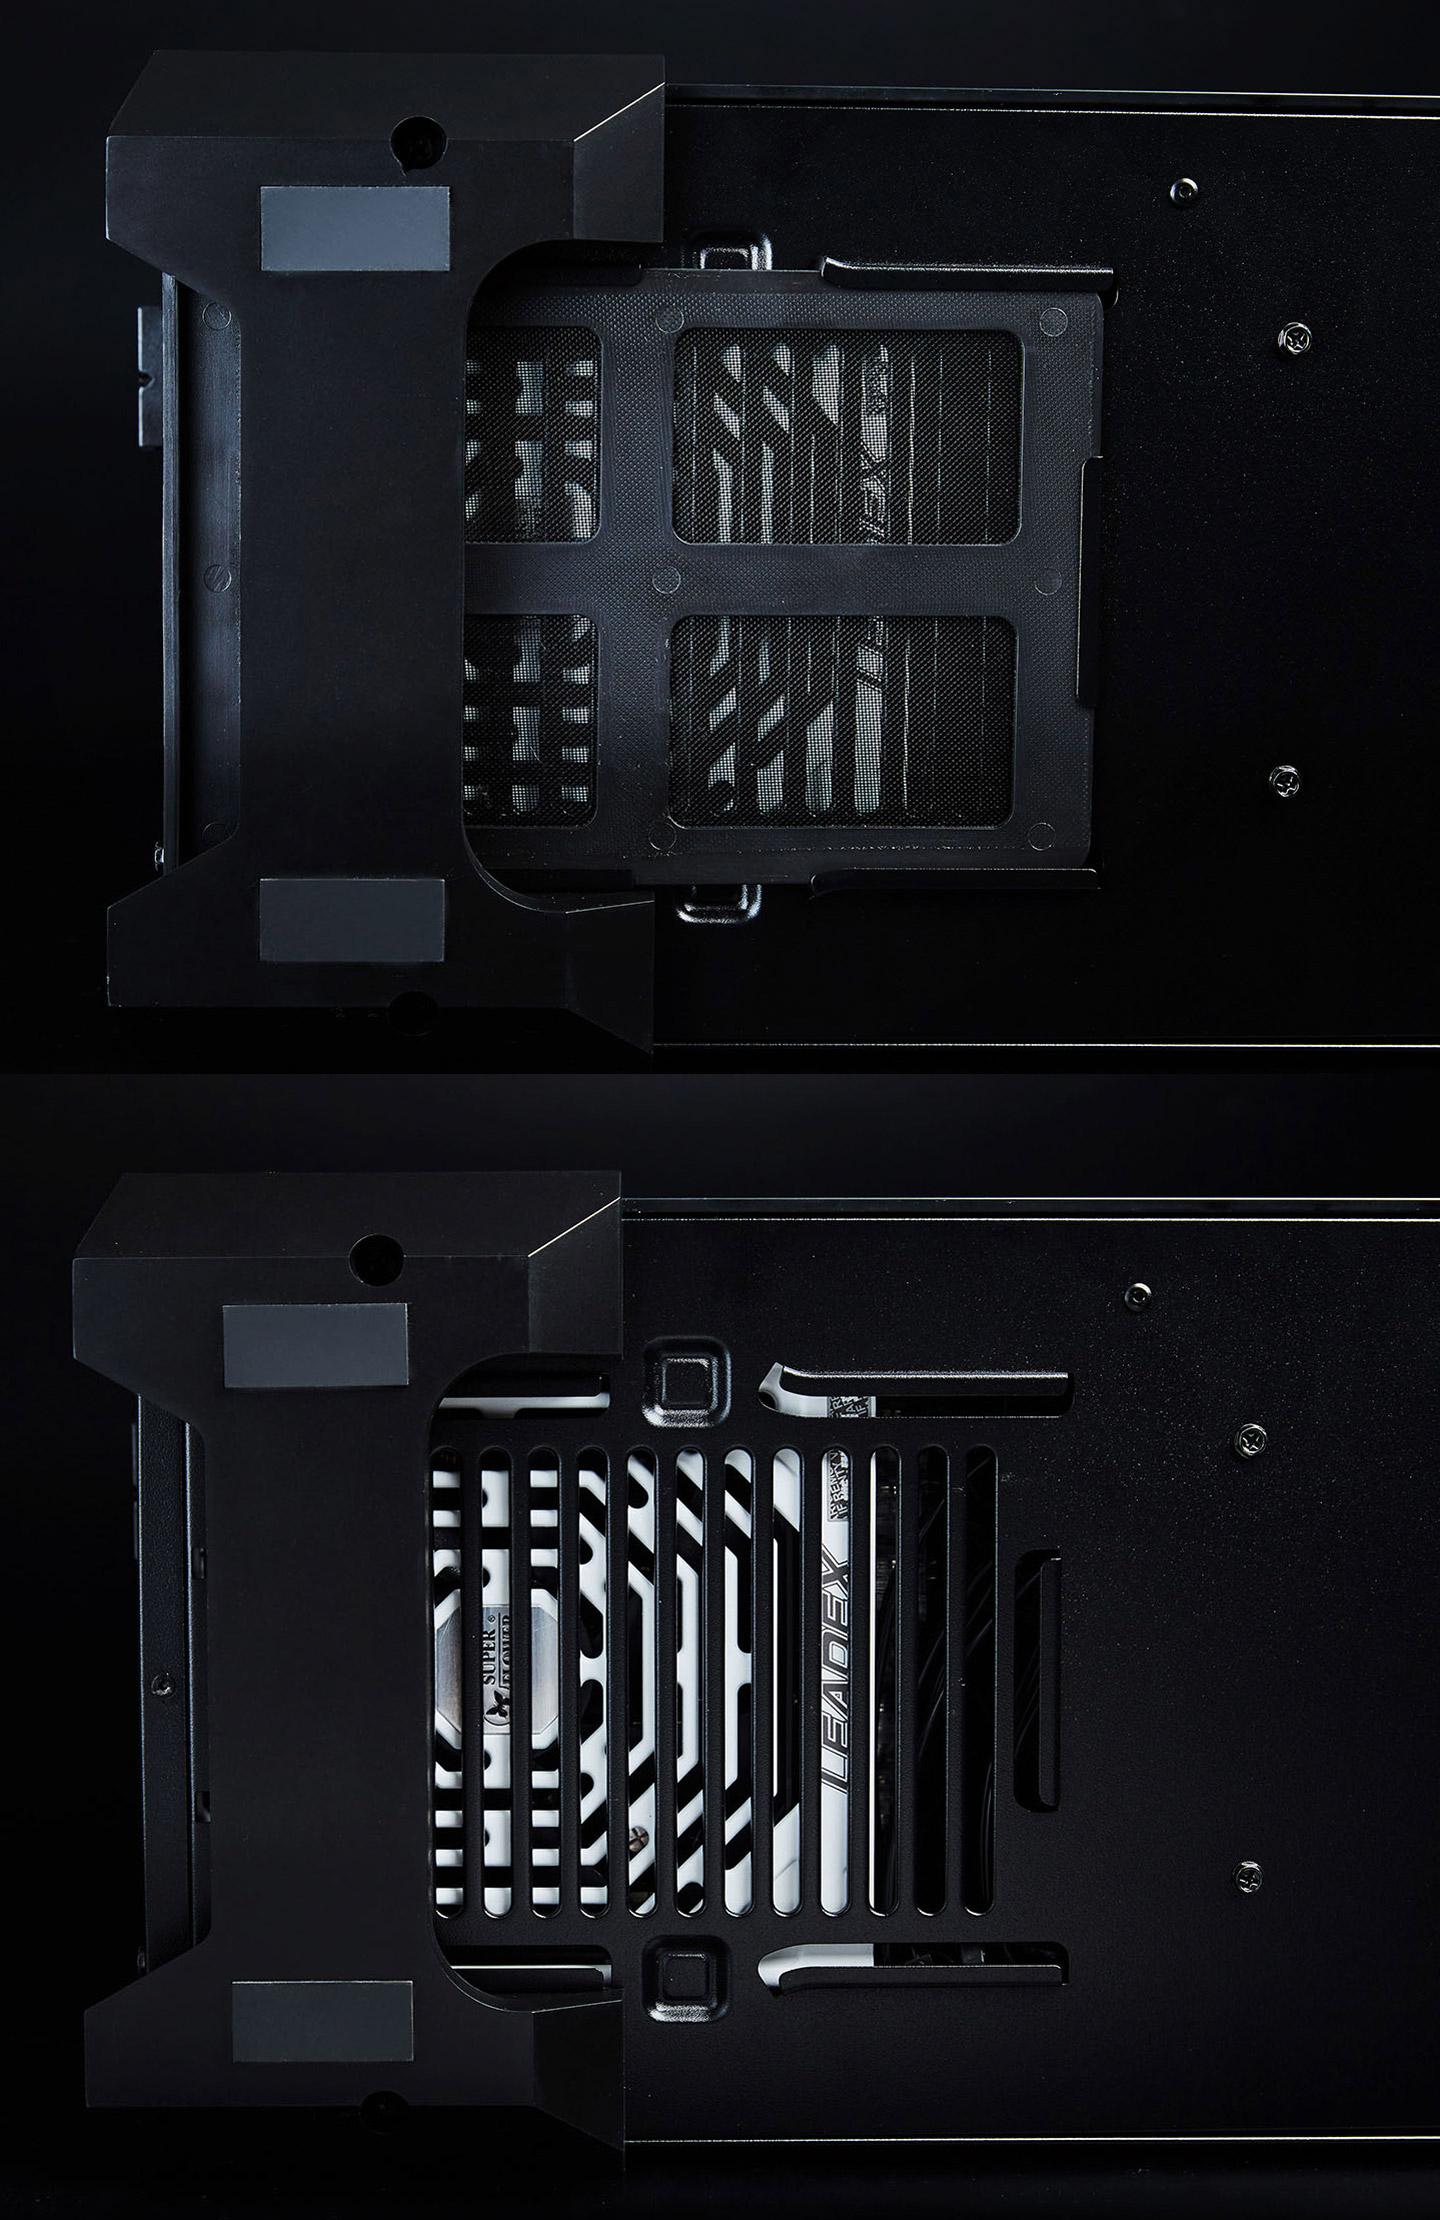 原廠在機殼底部也細心地加上了進氣口的外部濾網,可以有效降低電源供應器內部進塵的狀態,大幅減少對散熱造成的影響。